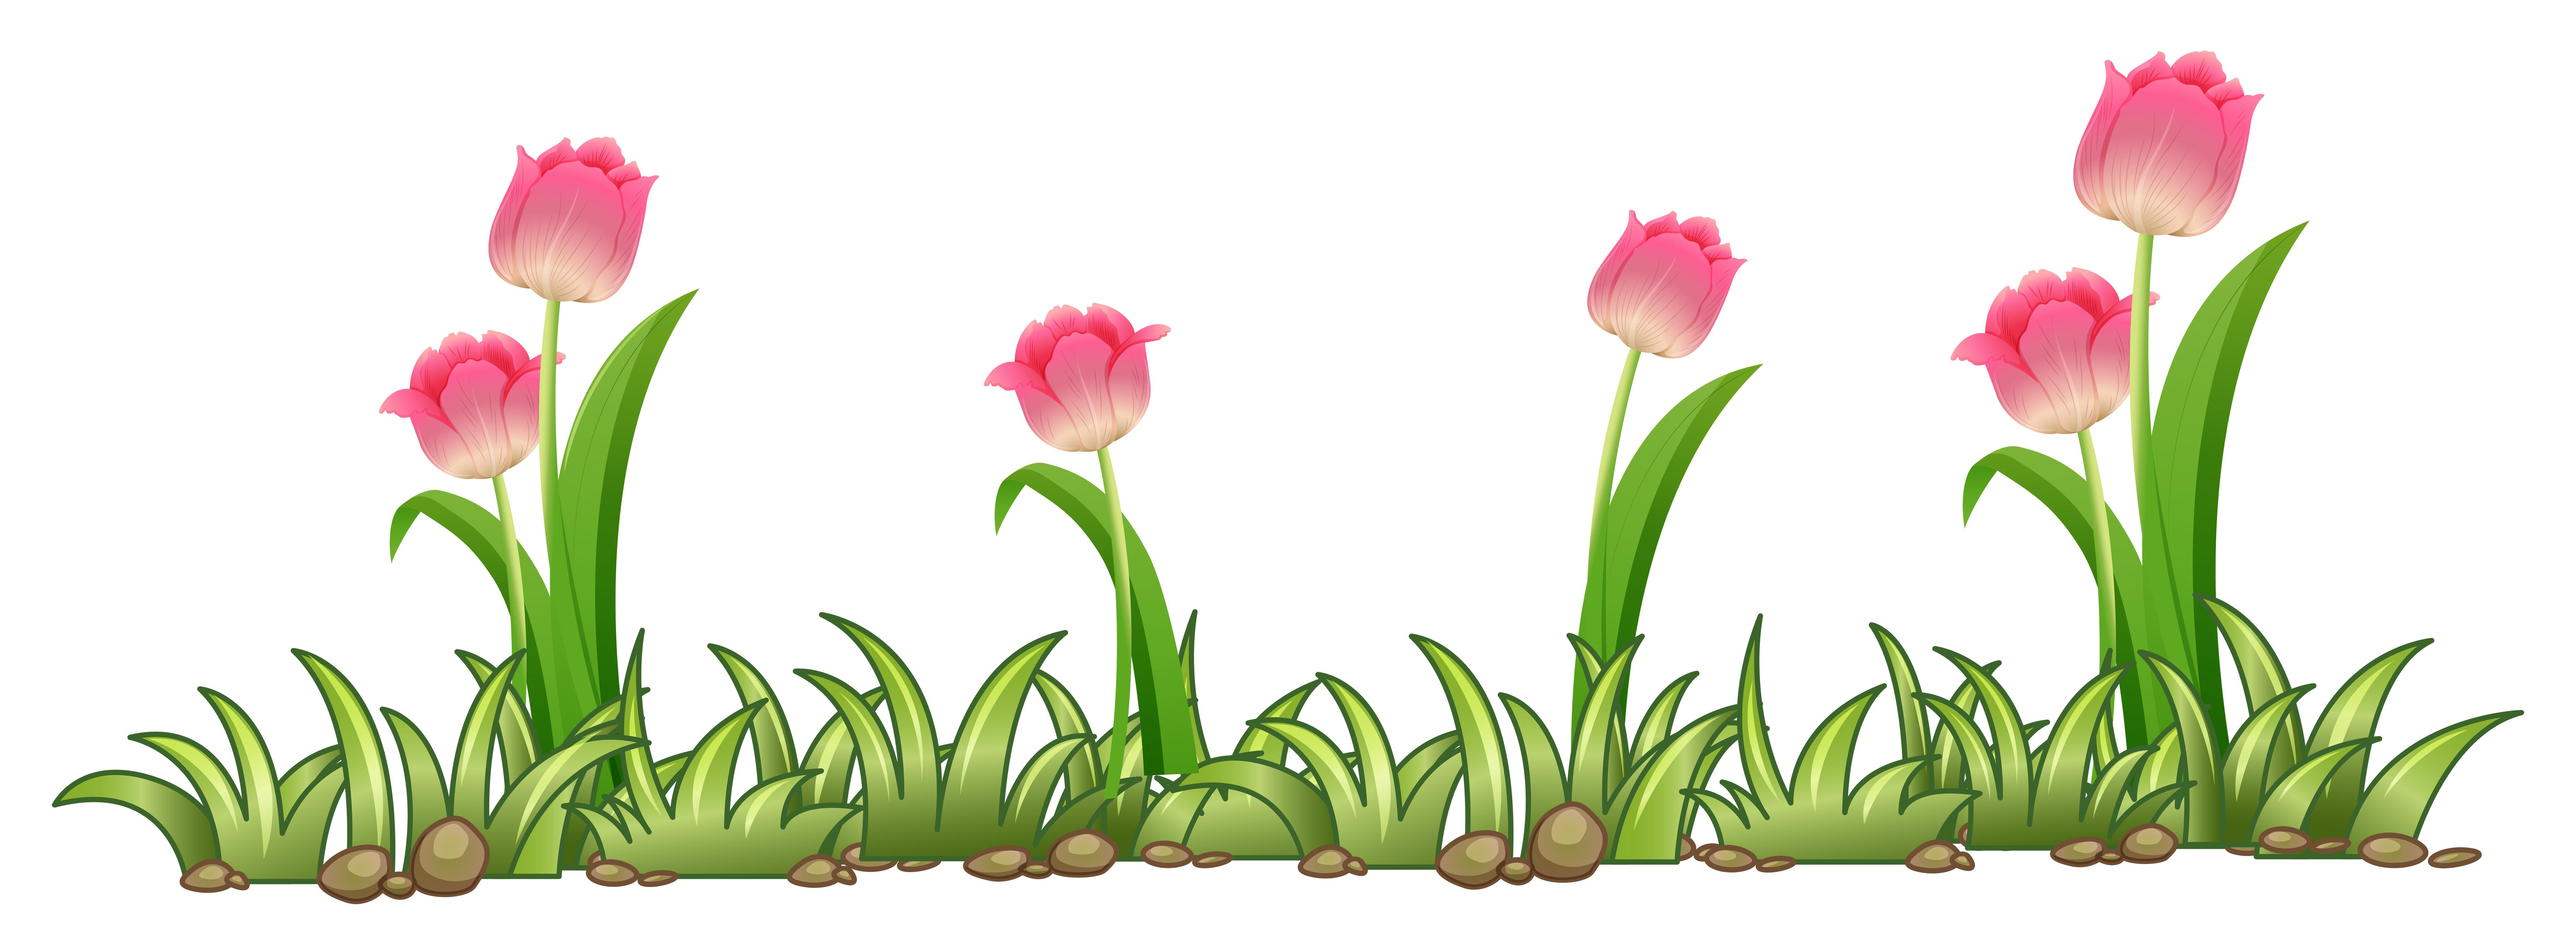 Jardin De Tulipes Roses Sur Fond Blanc Telecharger Vectoriel Gratuit Clipart Graphique Vecteur Dessins Et Pictogramme Gratuit